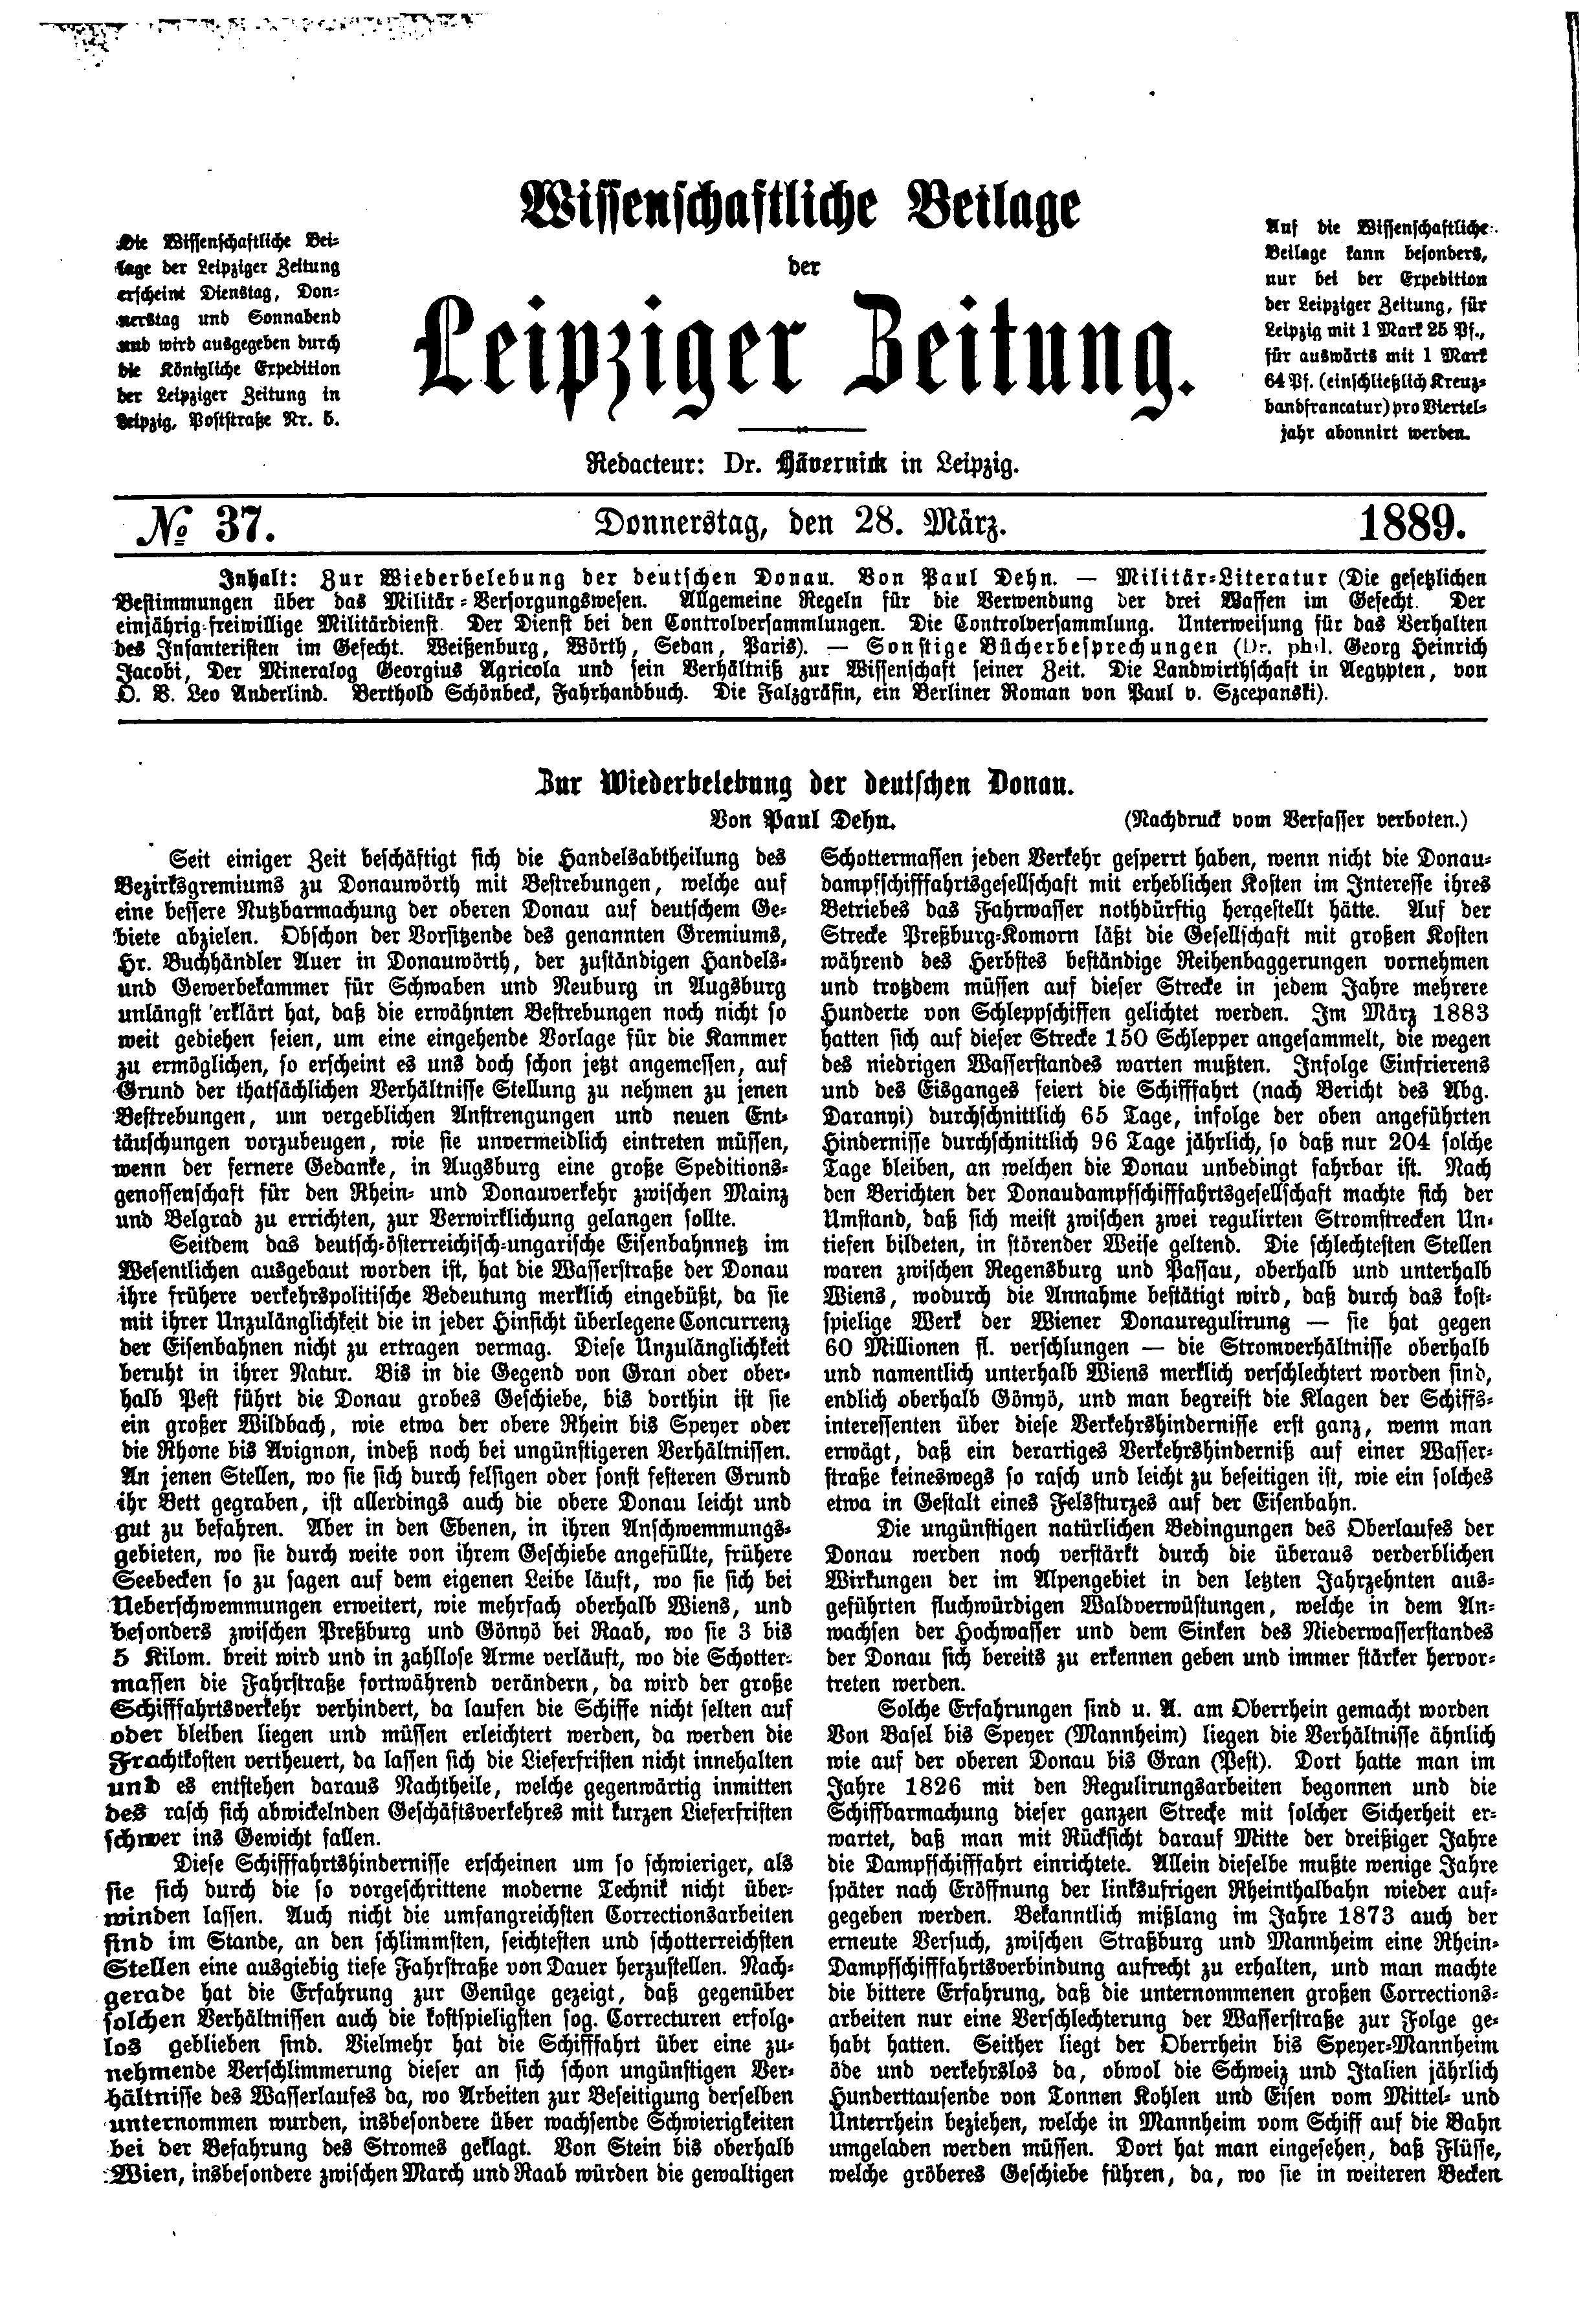 Leipzig Zeitung